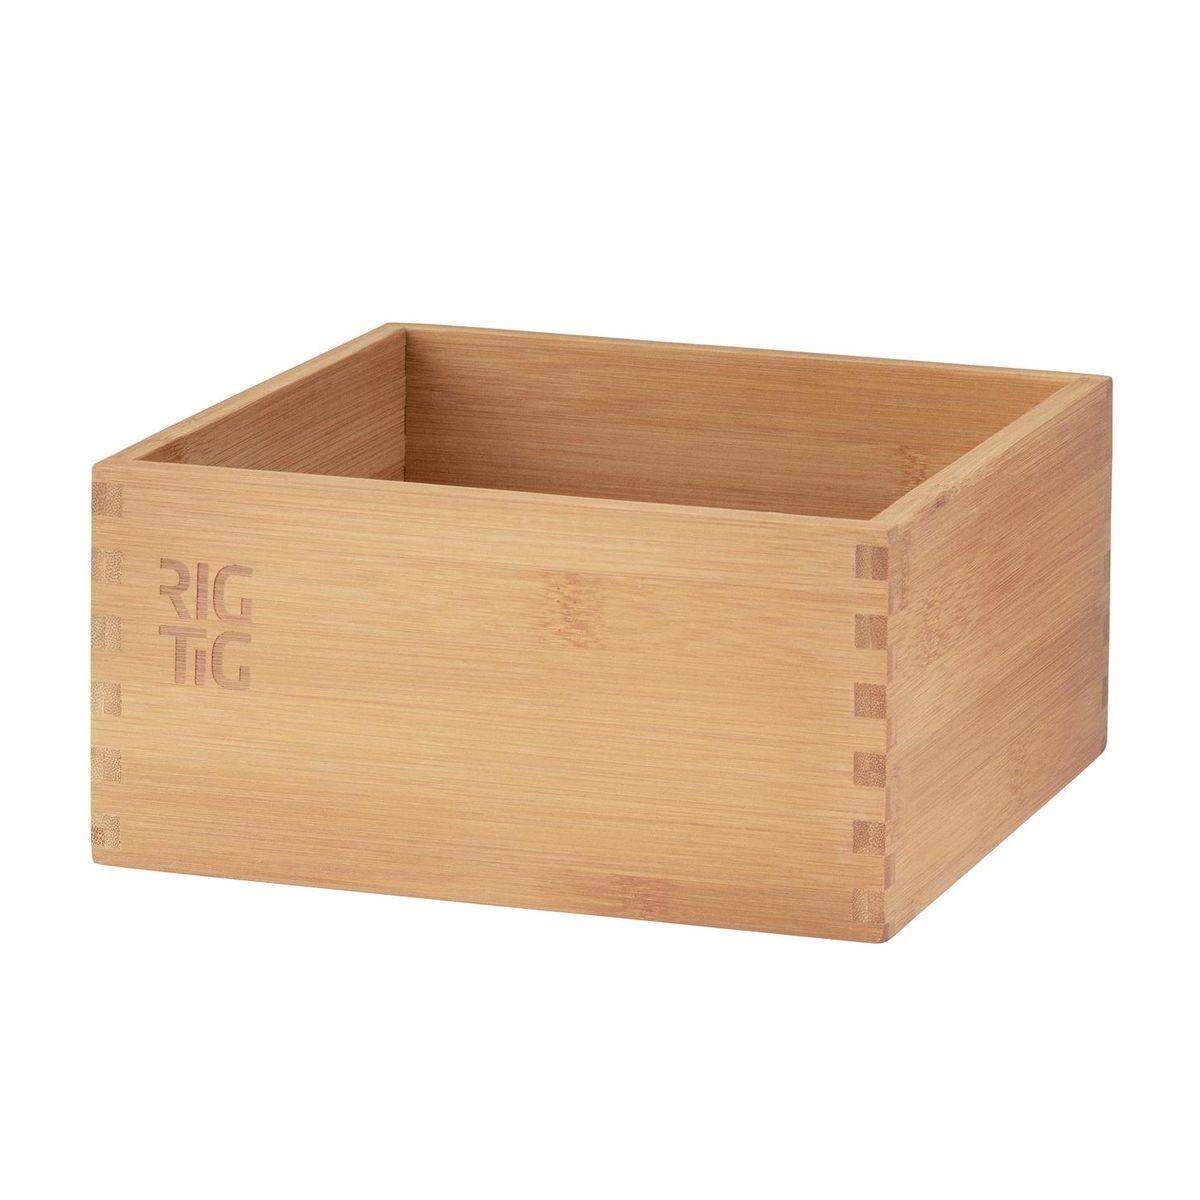 woodstock storage box rig tig. Black Bedroom Furniture Sets. Home Design Ideas